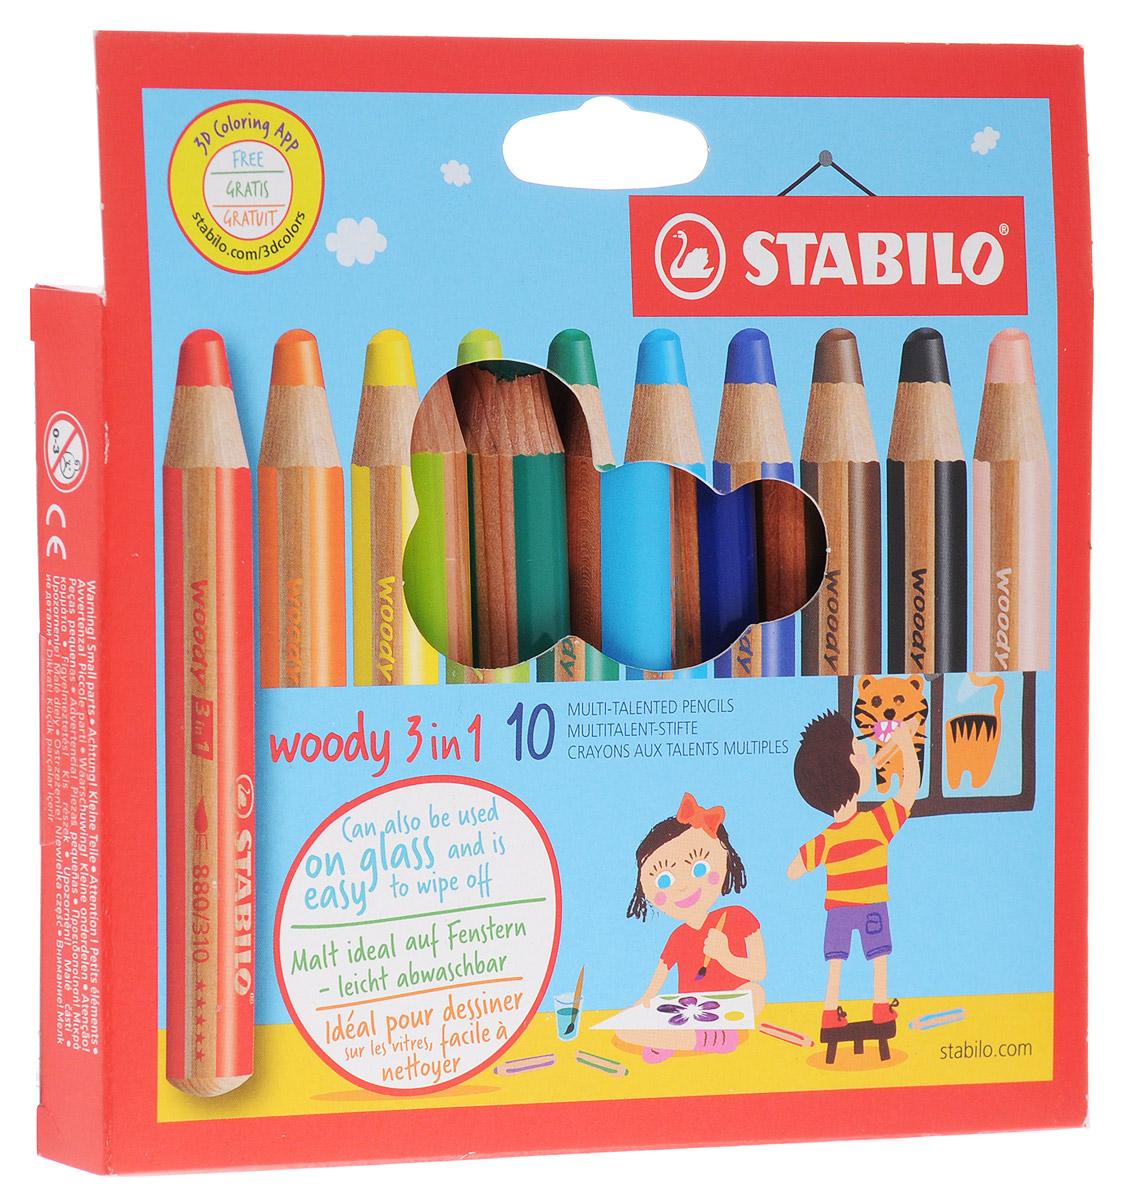 Stabilo Woody Набор цветных карандашей 3-в-1 10 цветов880/10Супертолстый цветной карандаш, акварель и восковой мелок в одном. Это уникальные карандаши, сочетающие в себе возможности цветных карандашей, акварельных красок и восковых мелков. Пишут практически на всех гладких поверхностях, включая стекло! Обеспечивают великолепный результат на темной бумаге благодаря исключительной яркости и интенсивности цвета. Великолепные акварельные качества. Очень прочный грифель диаметром 10 мм для мягких штрихов. Цвет корпуса карандаша соответствует цвету грифеля. Набор из 10 карандашей.